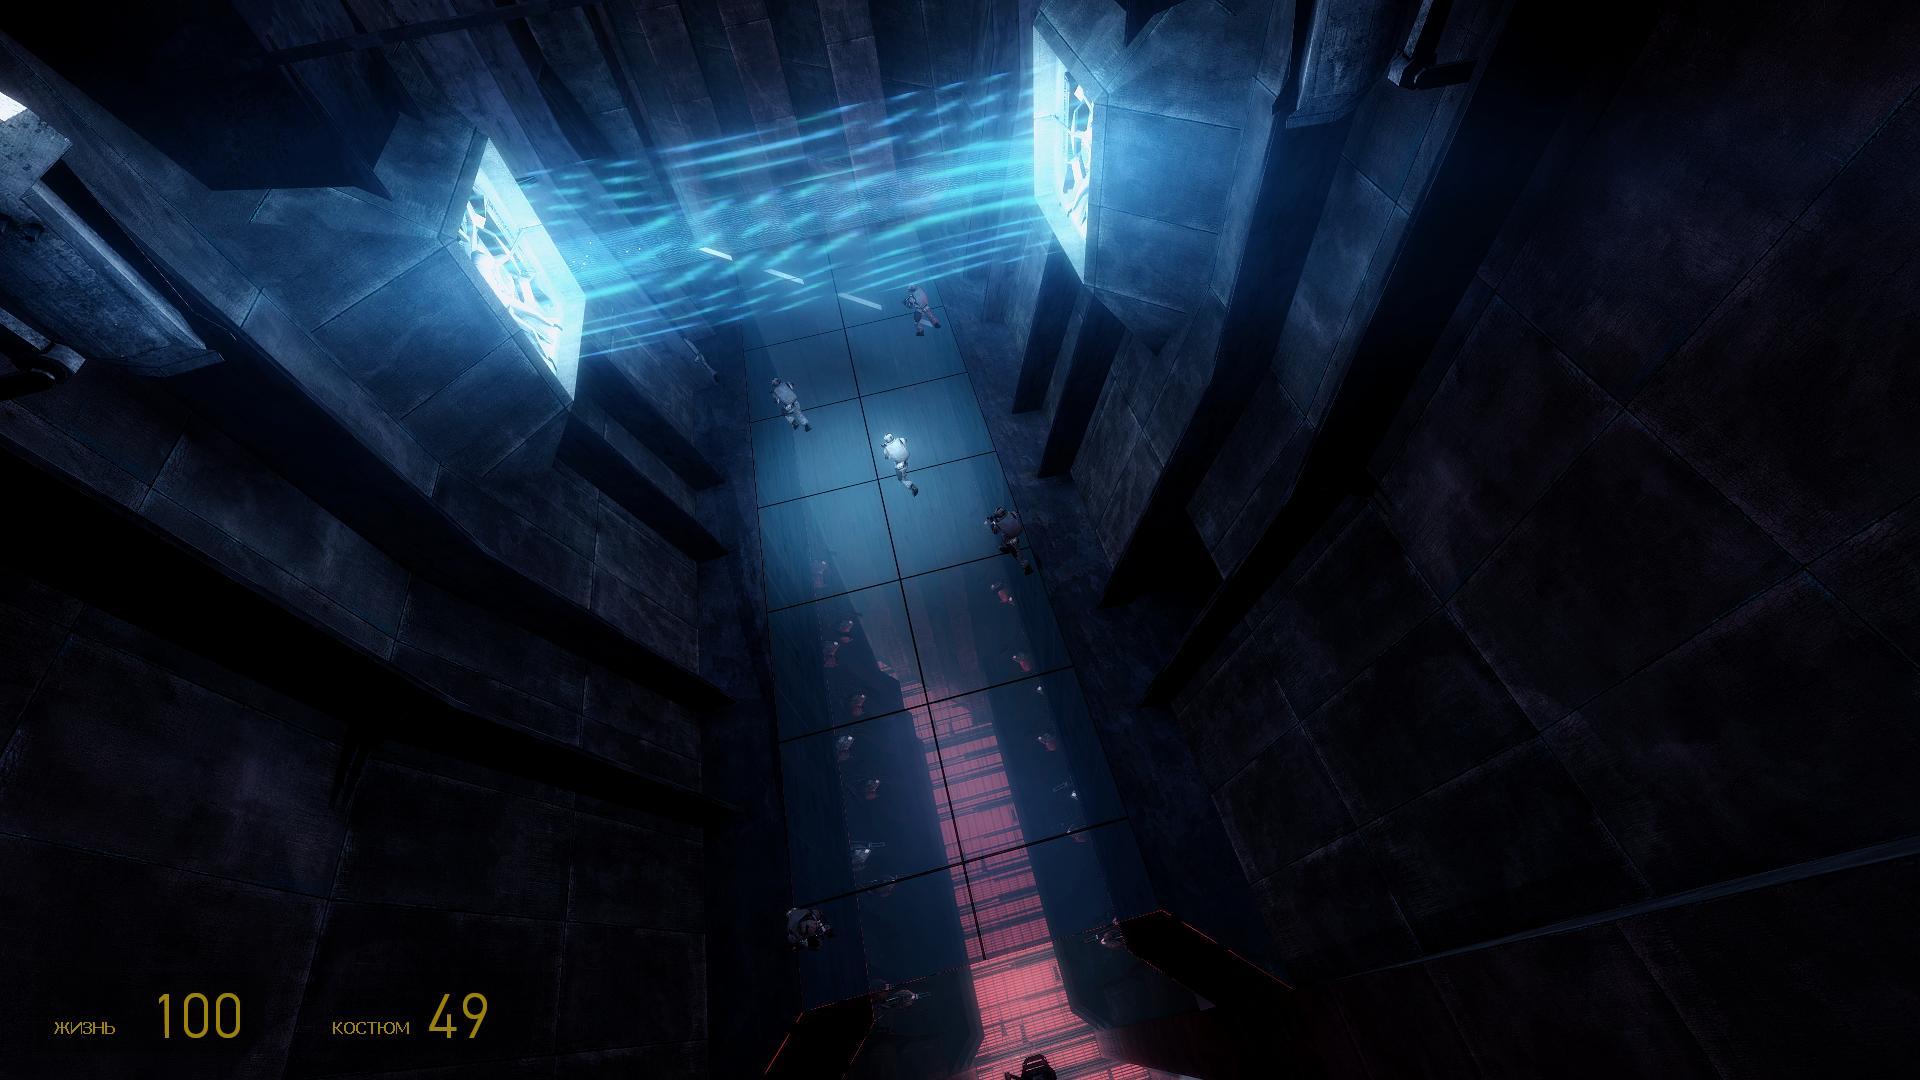 Half-Life 2 2018-09-06 21-52-32-93.jpg - Half-Life 2